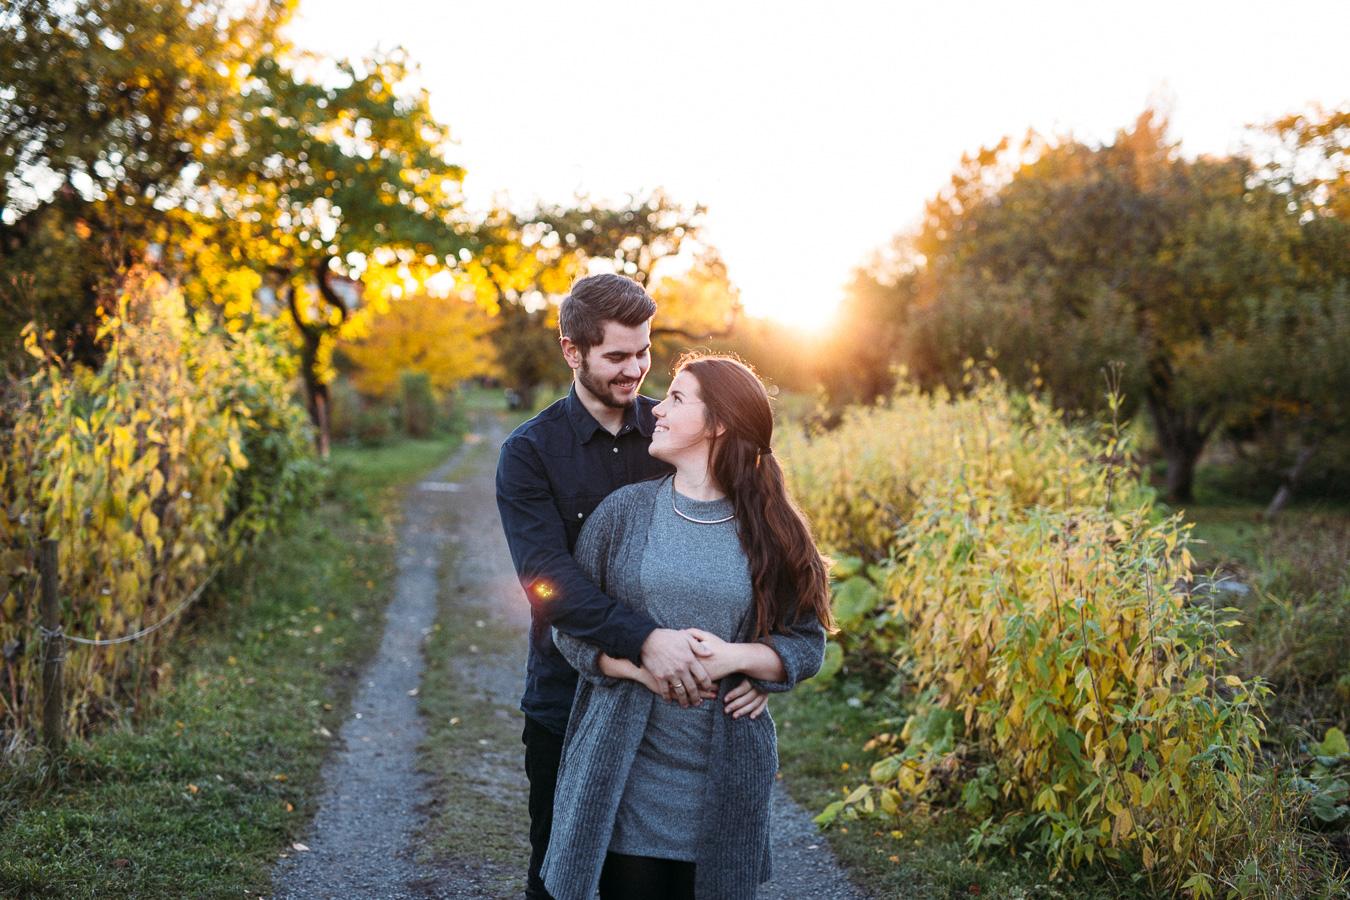 004-fotograf-forlovelsebilder-oslo.jpg